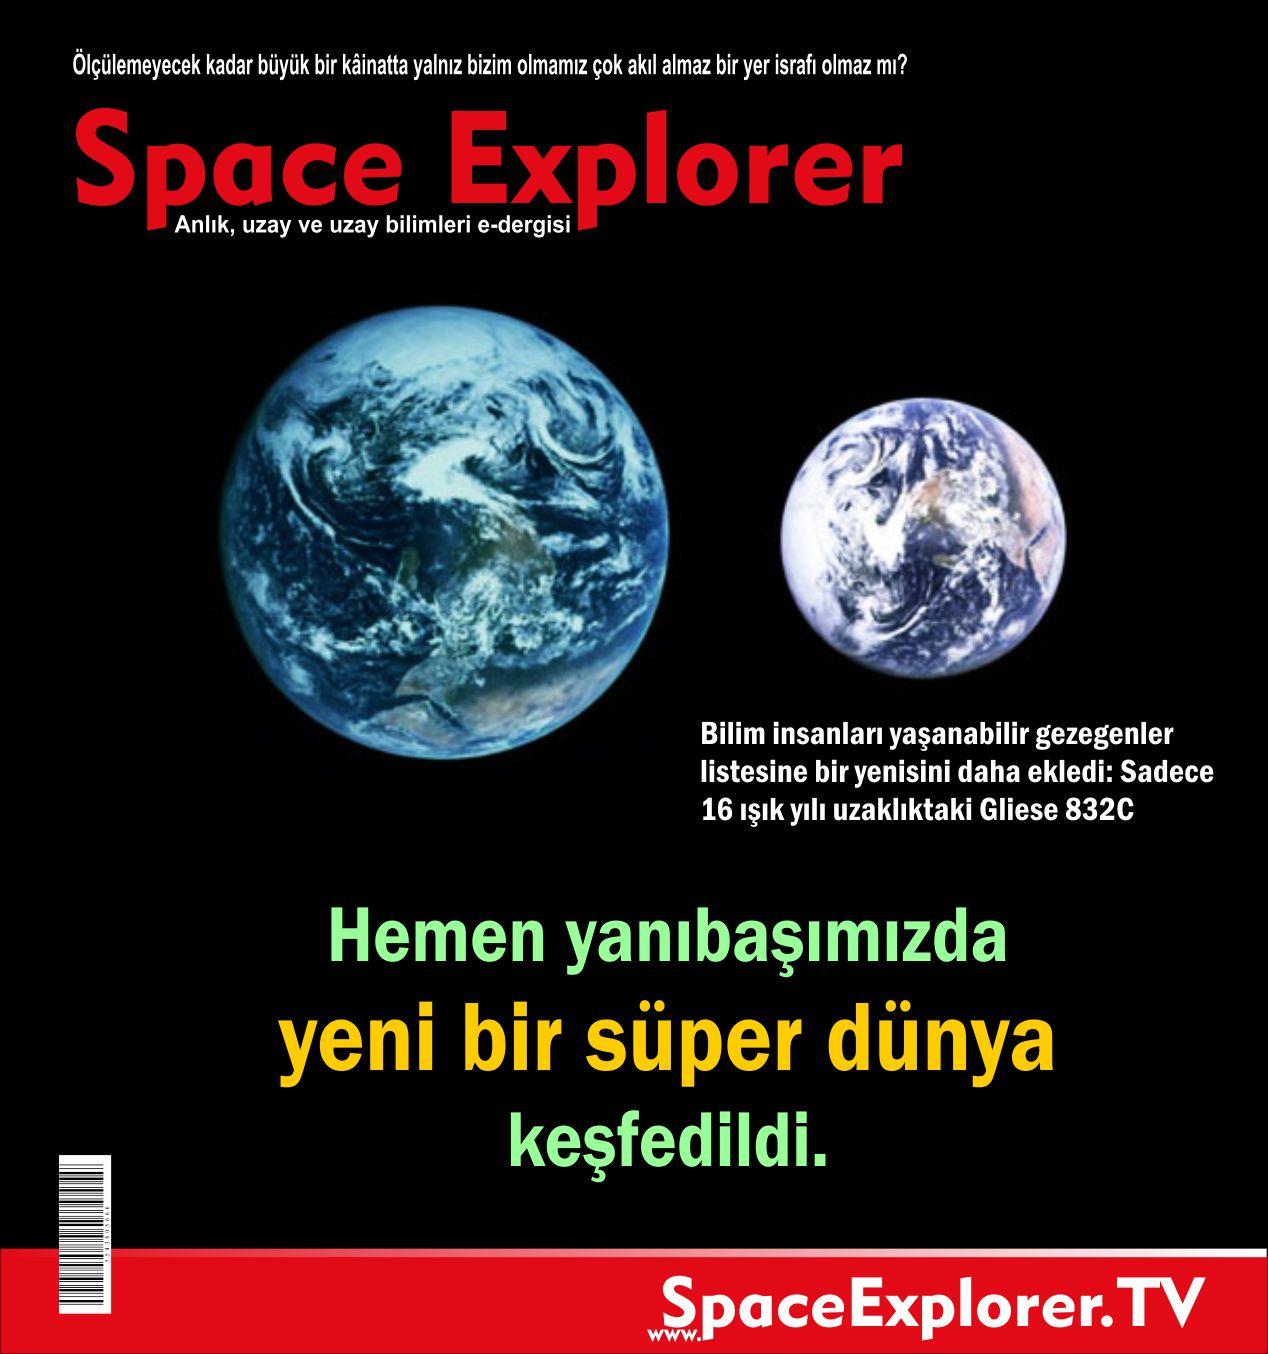 Space Explorer, Süper dünya, Dünya benzeri gezegenler, Dünya dışı yaşam, Uzayda hayat var mı?, Gliese 832C, ESI, Dünyaya benzerlik indeksi, Kırmızı Cüce Yıldızı,